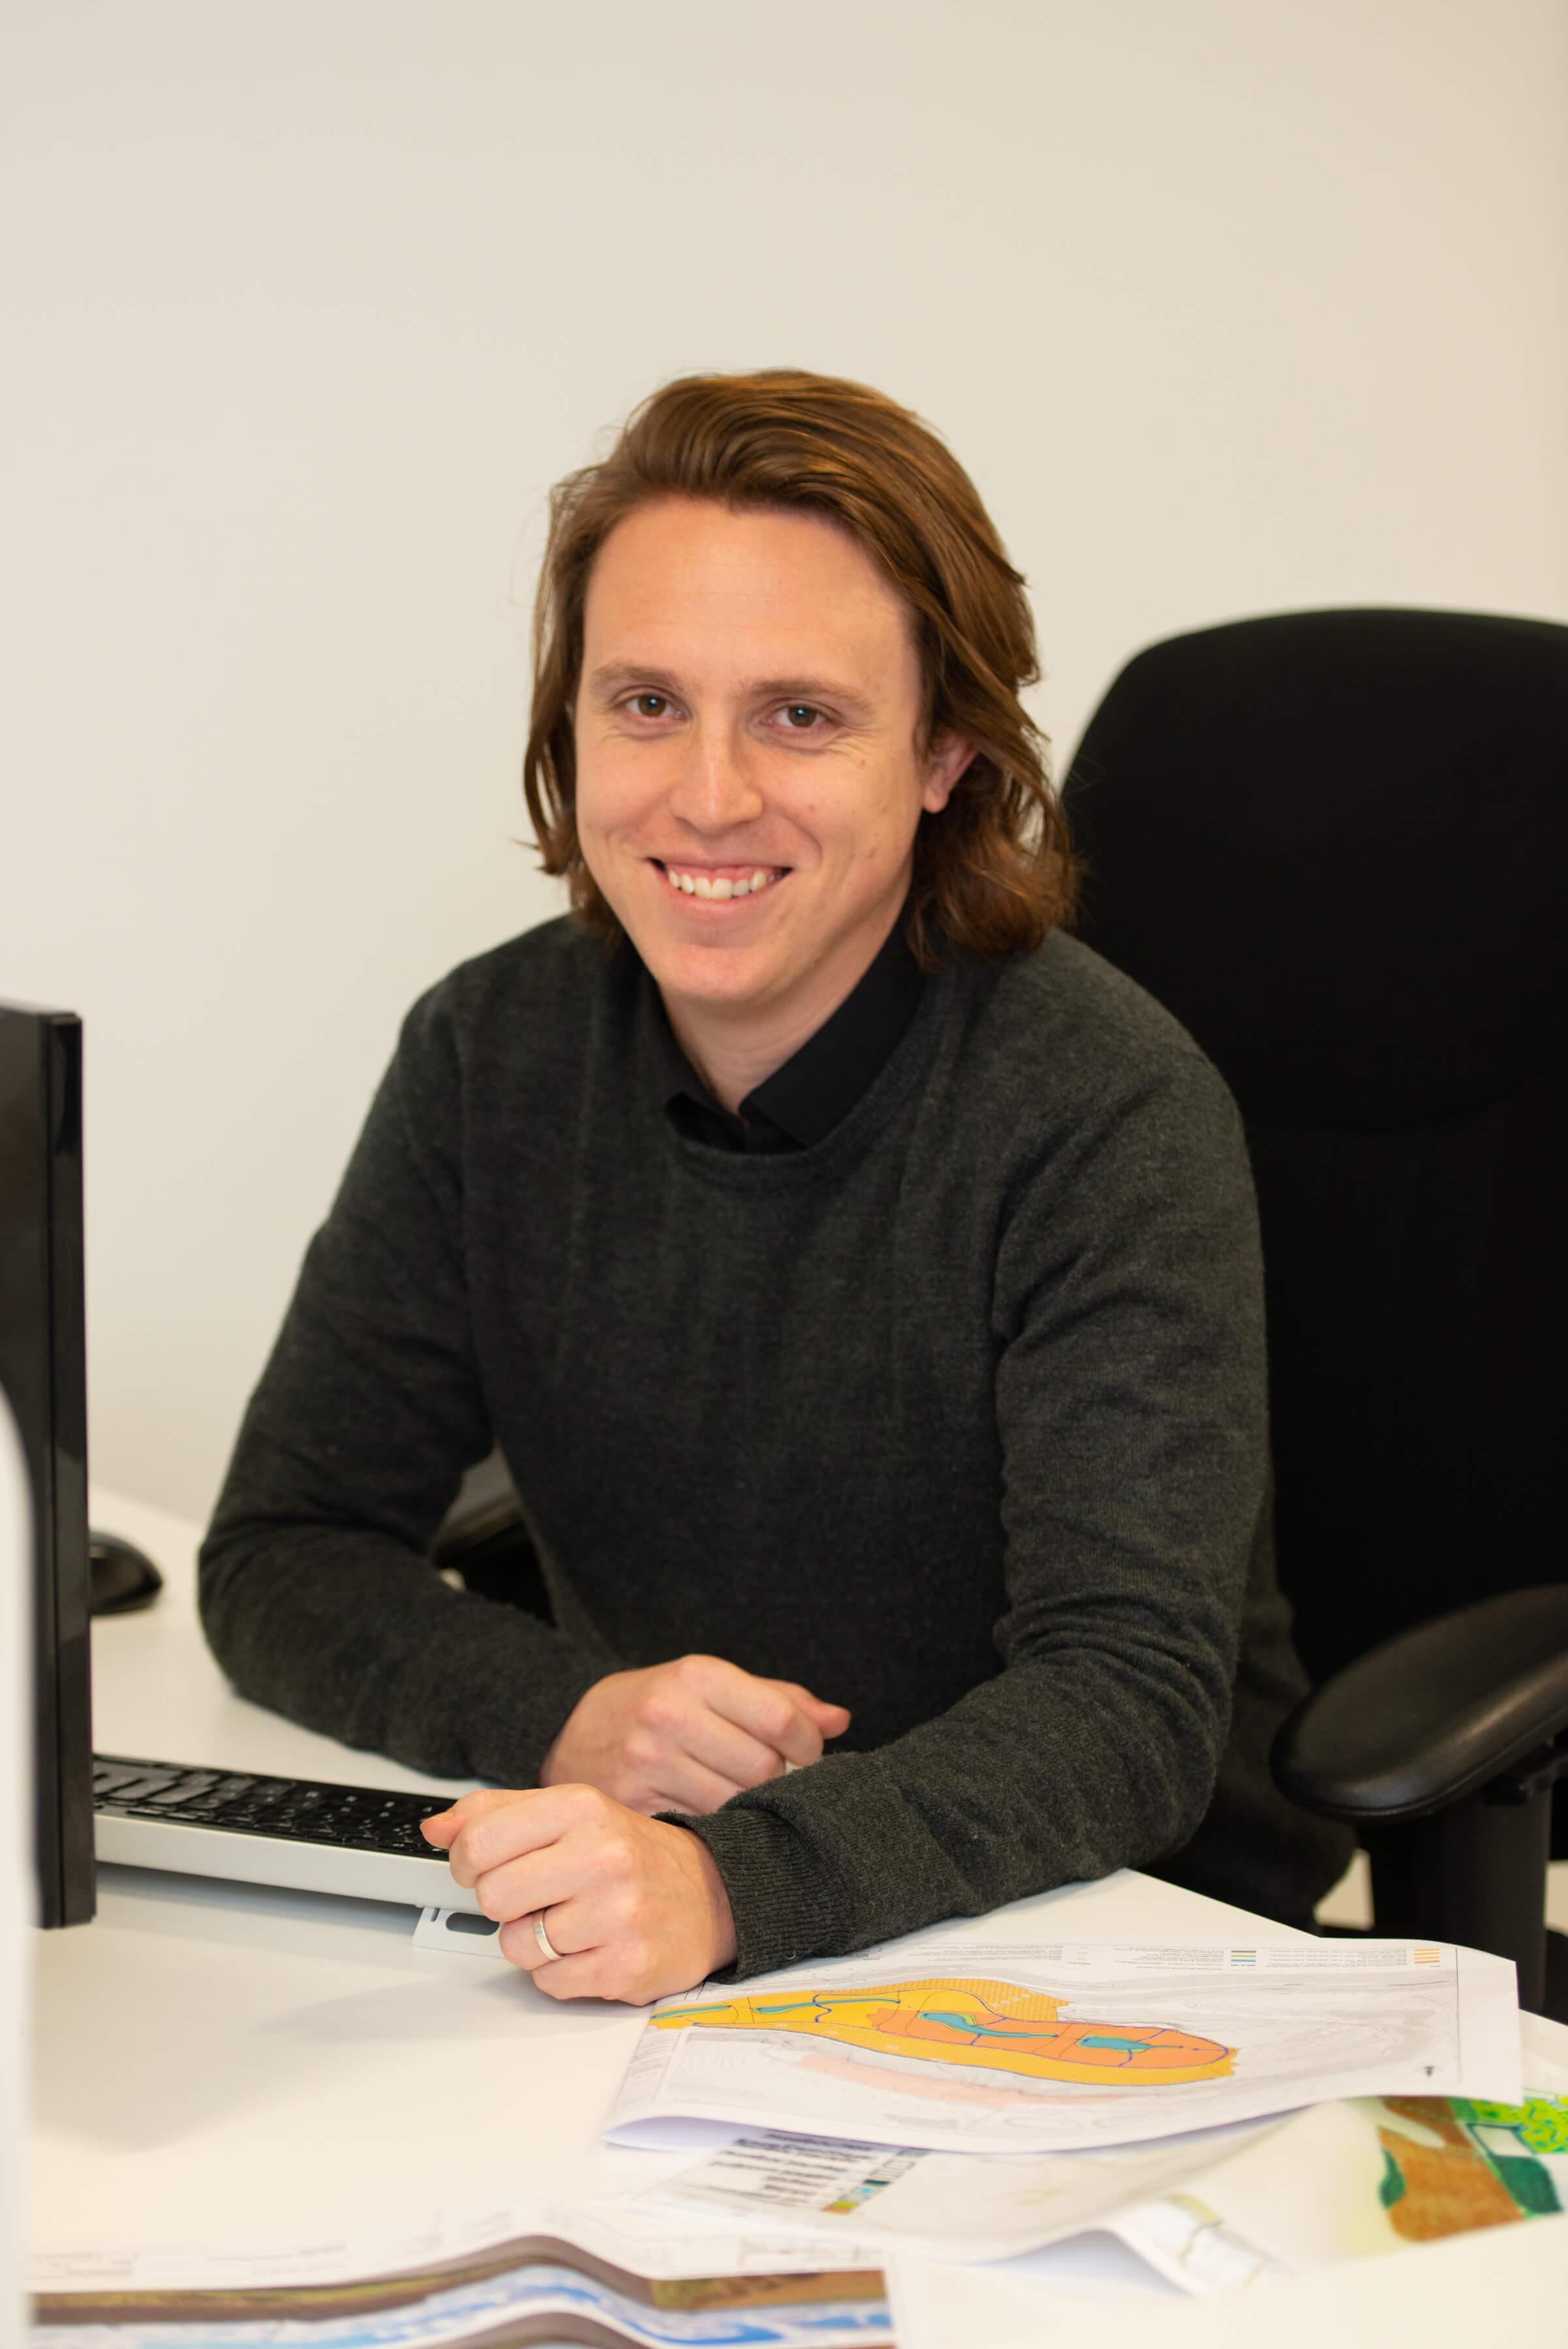 Martin Packford